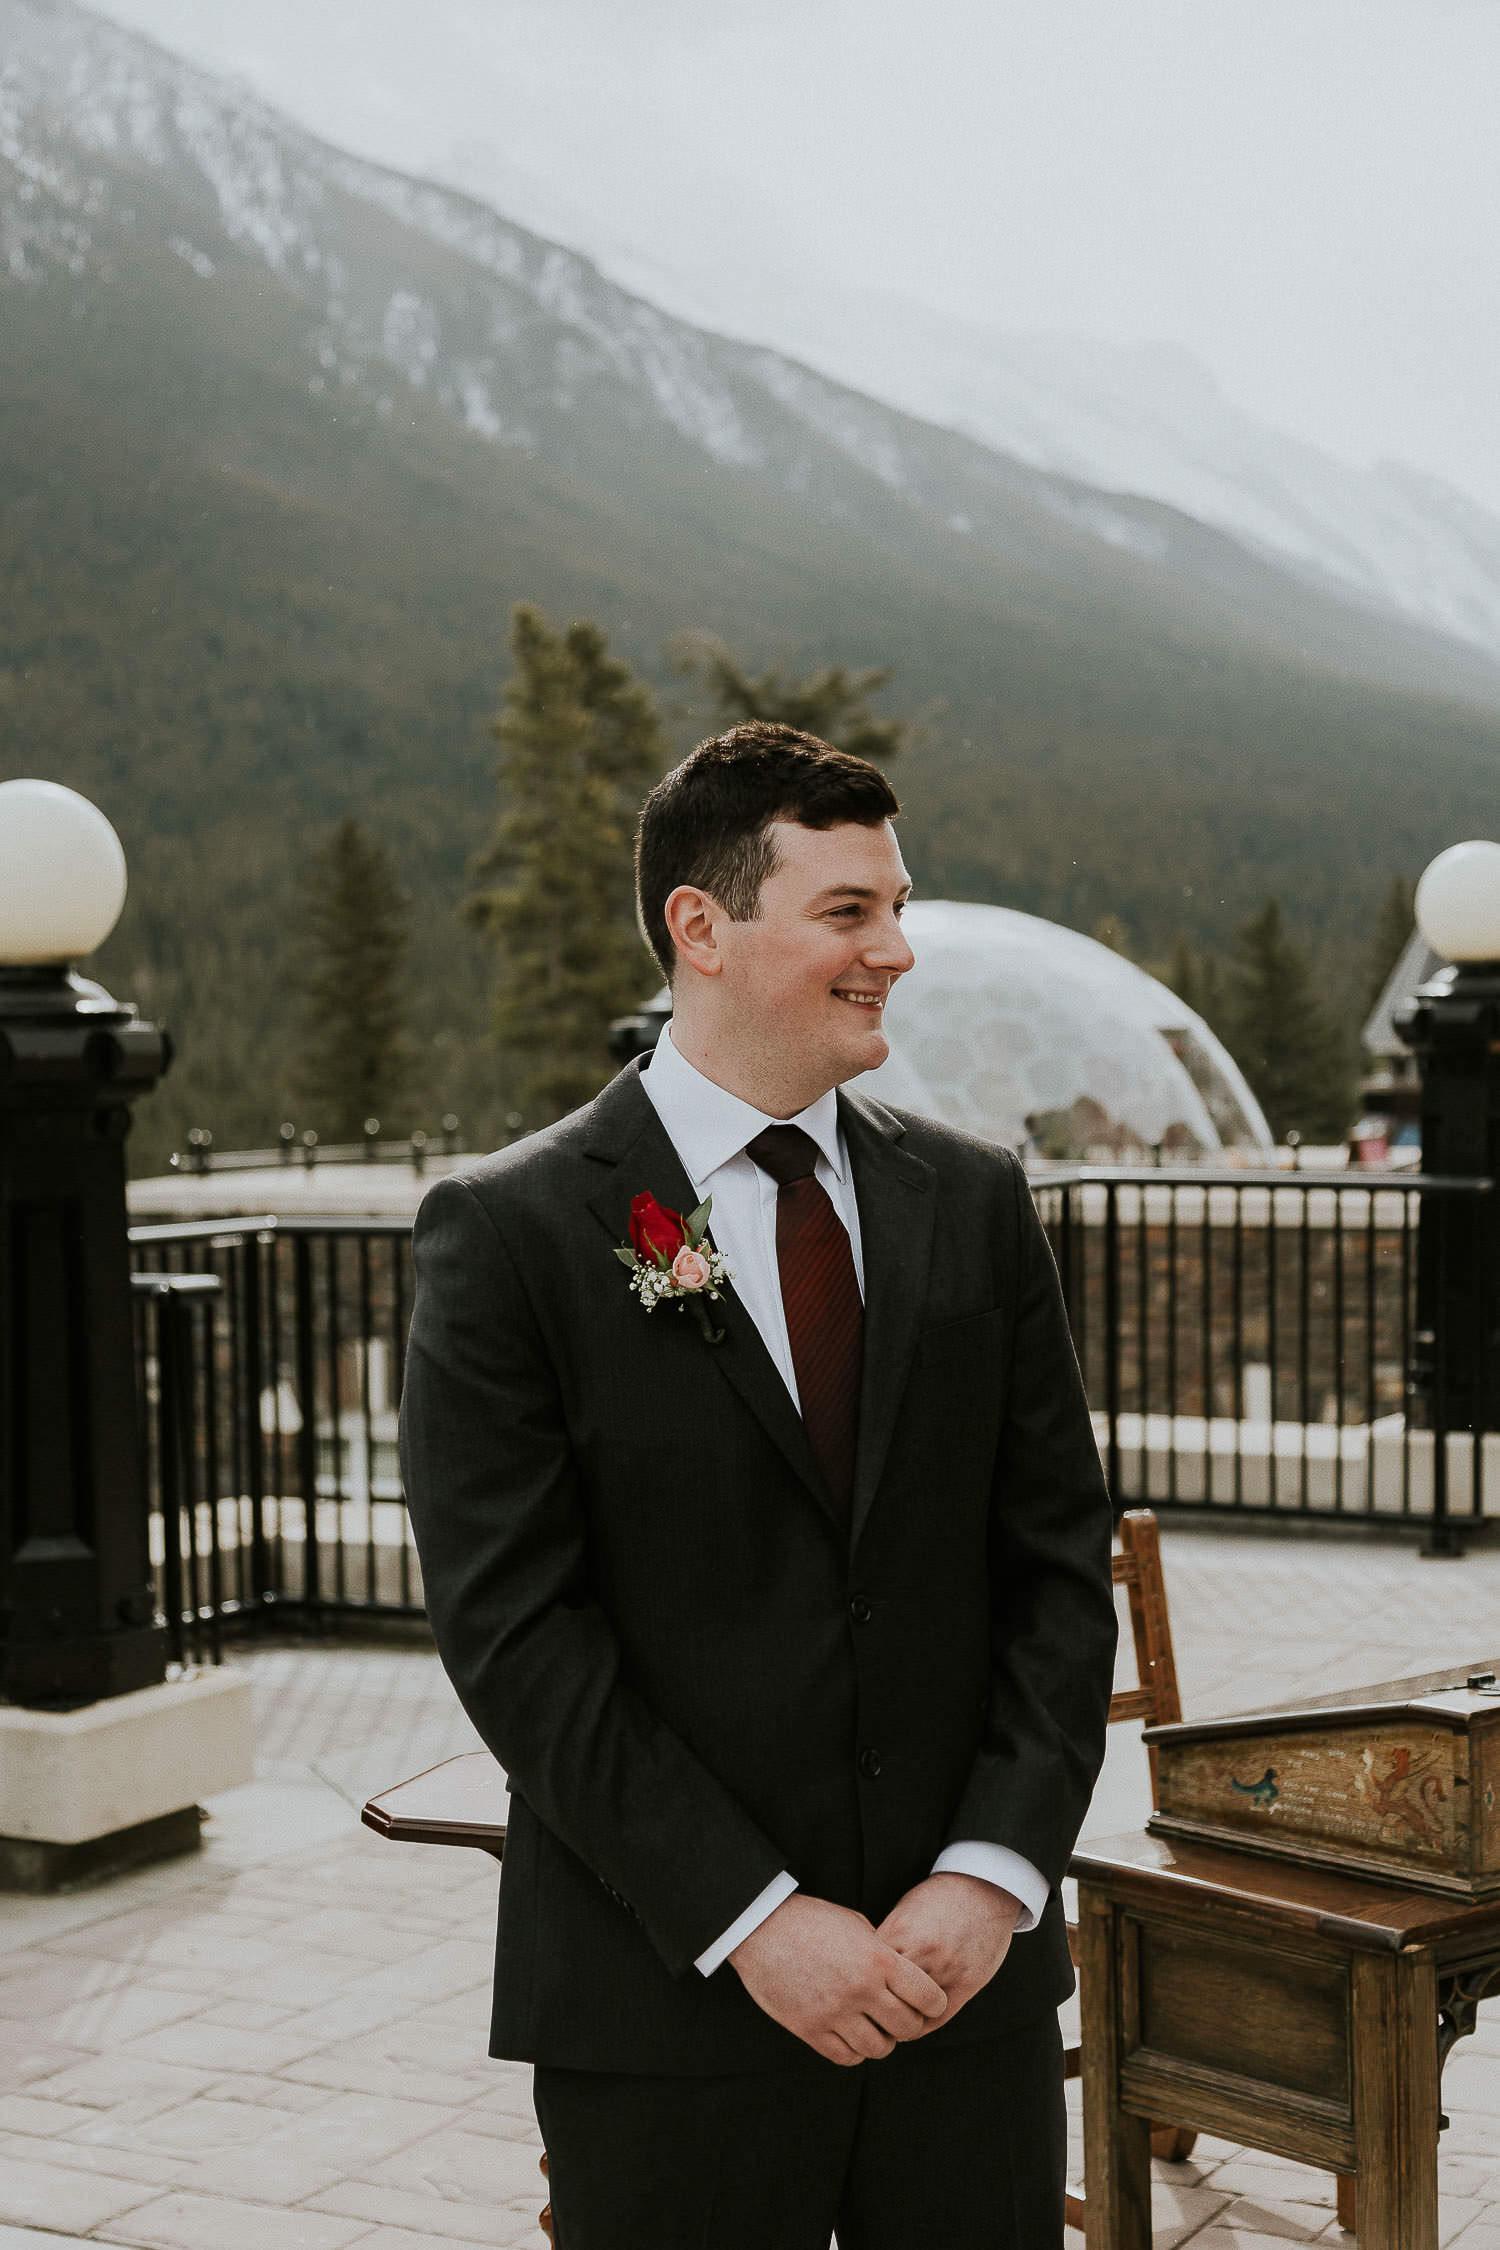 intimate-wedding-at-banff-springs-hotel-sarah-pukin-0064